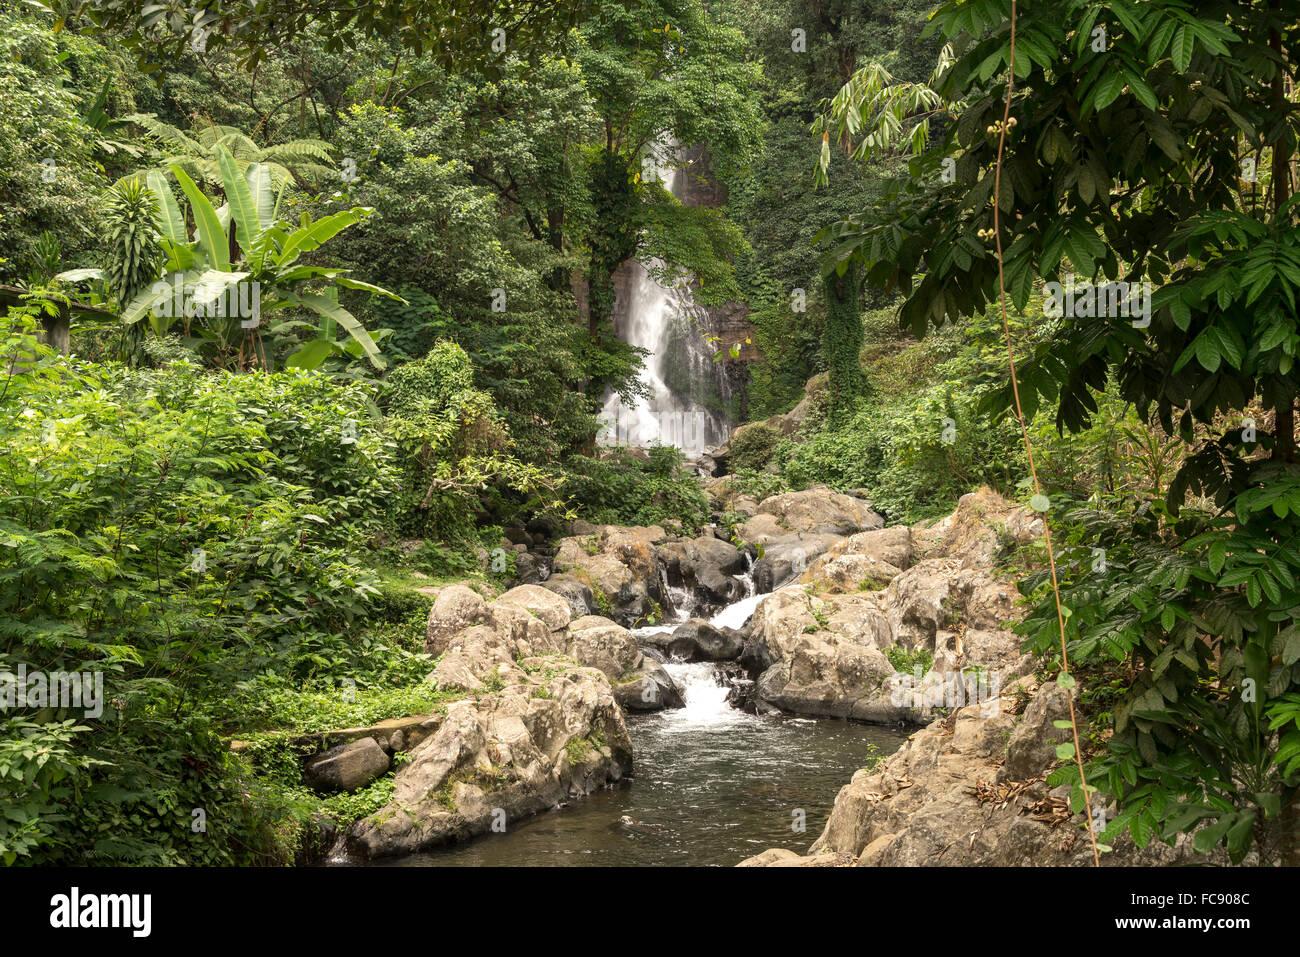 Touristen, die gerade die Gitgit Wasserfall, Bali, Indonesien Stockbild